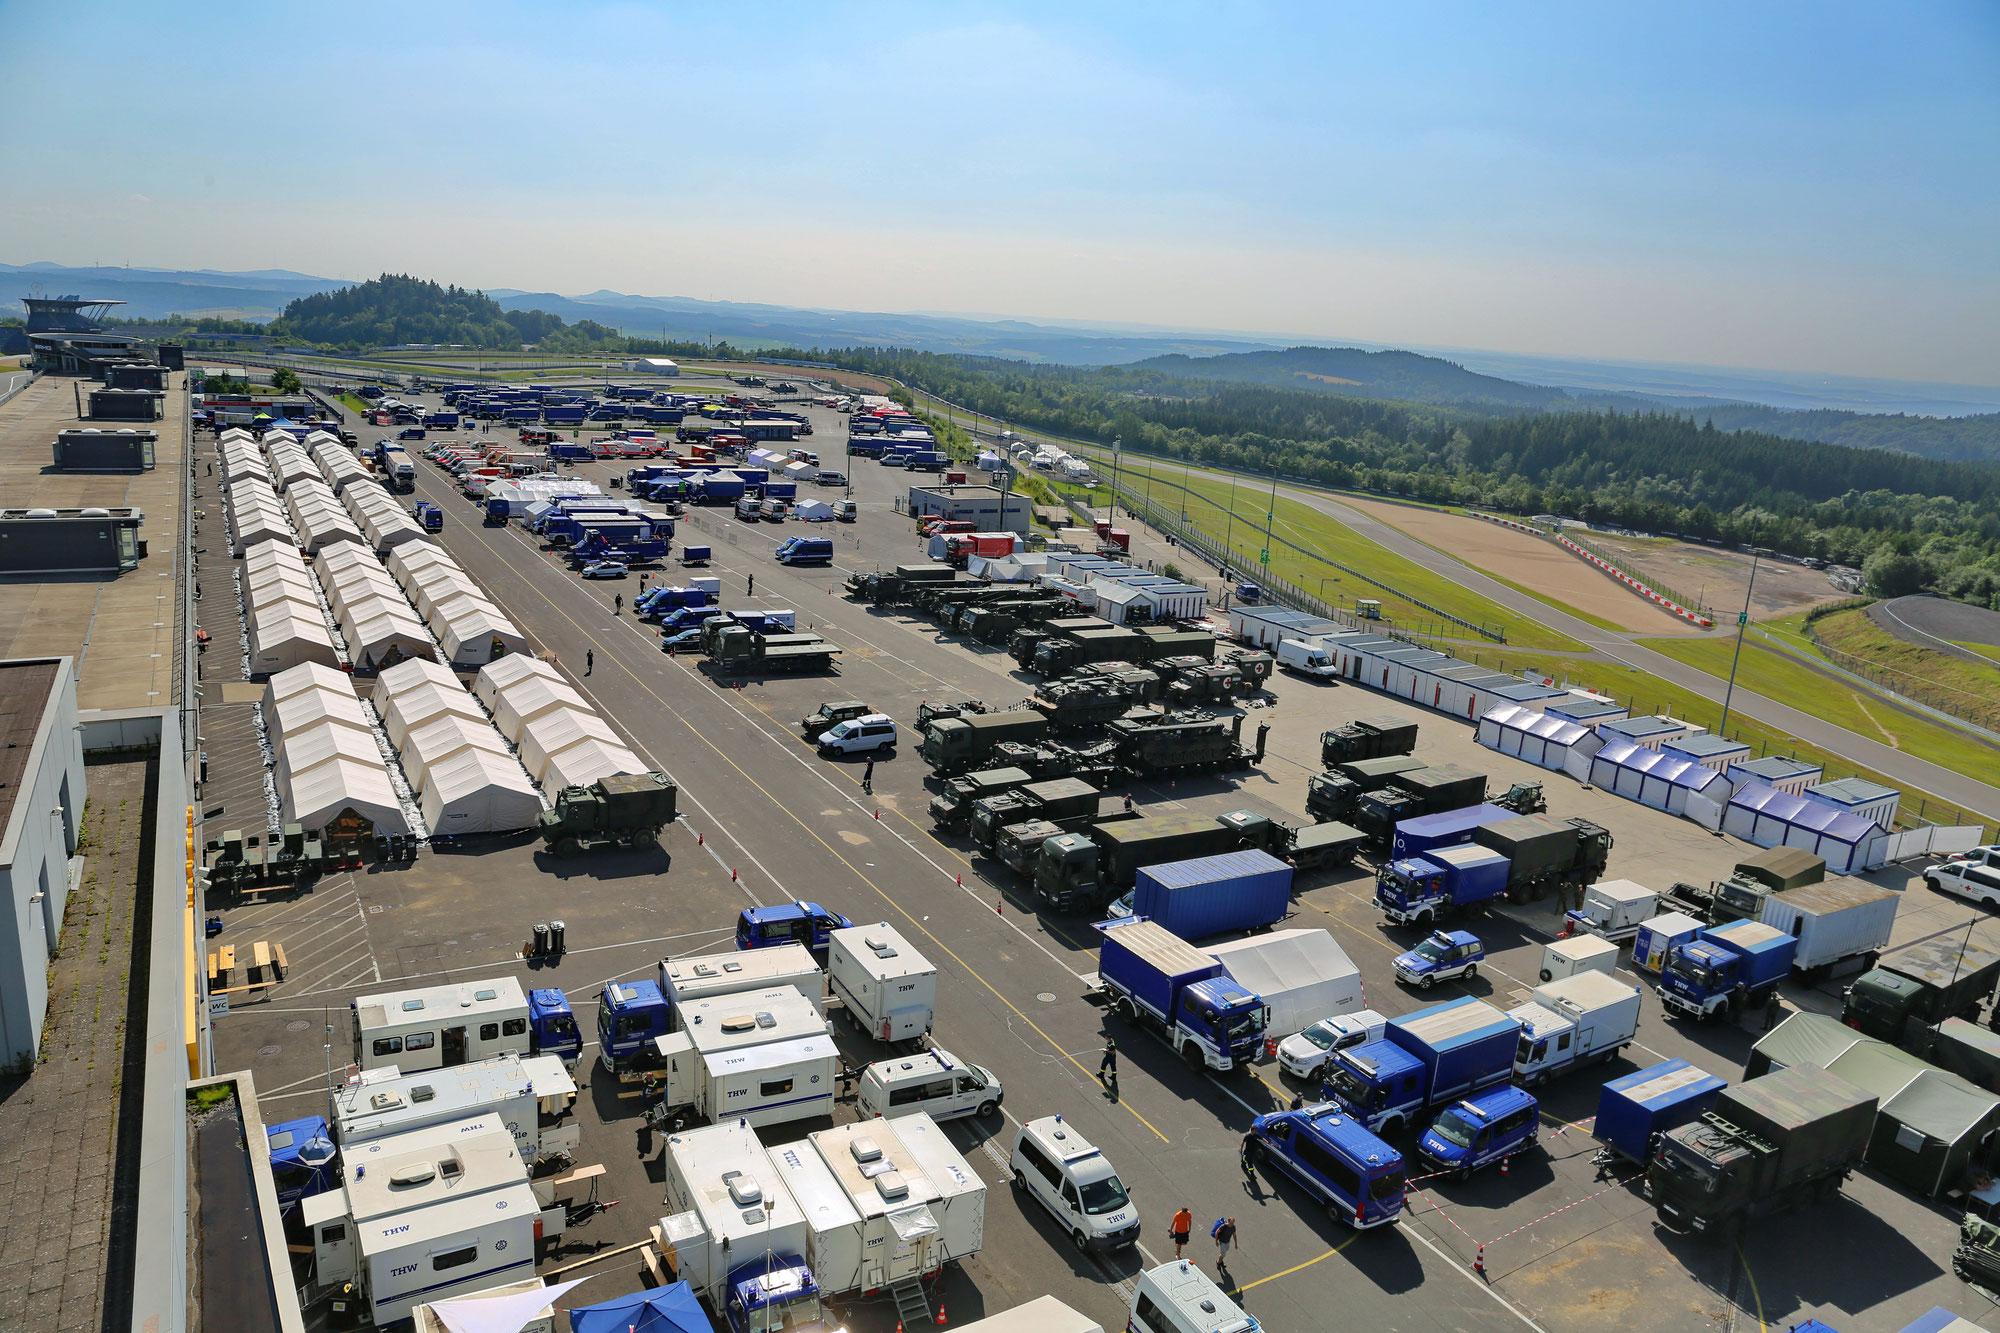 Nürburgring nimmt Streckenbetrieb wieder auf: Touristenfahrten auf Nordschleife – Einsatzkräfte im Fahrerlager